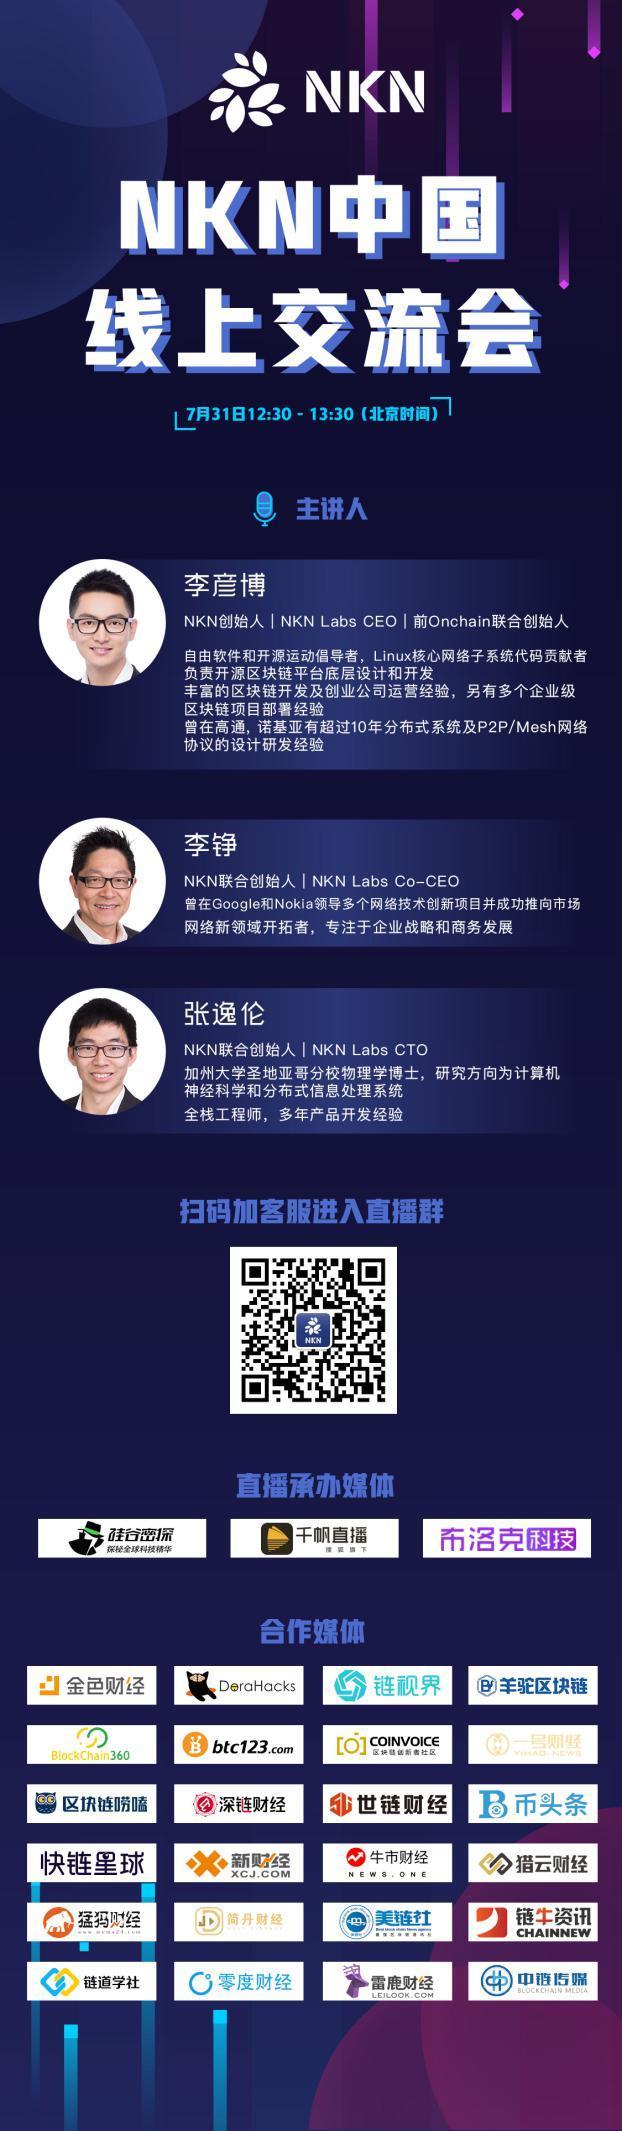 NKN中国线上交流会